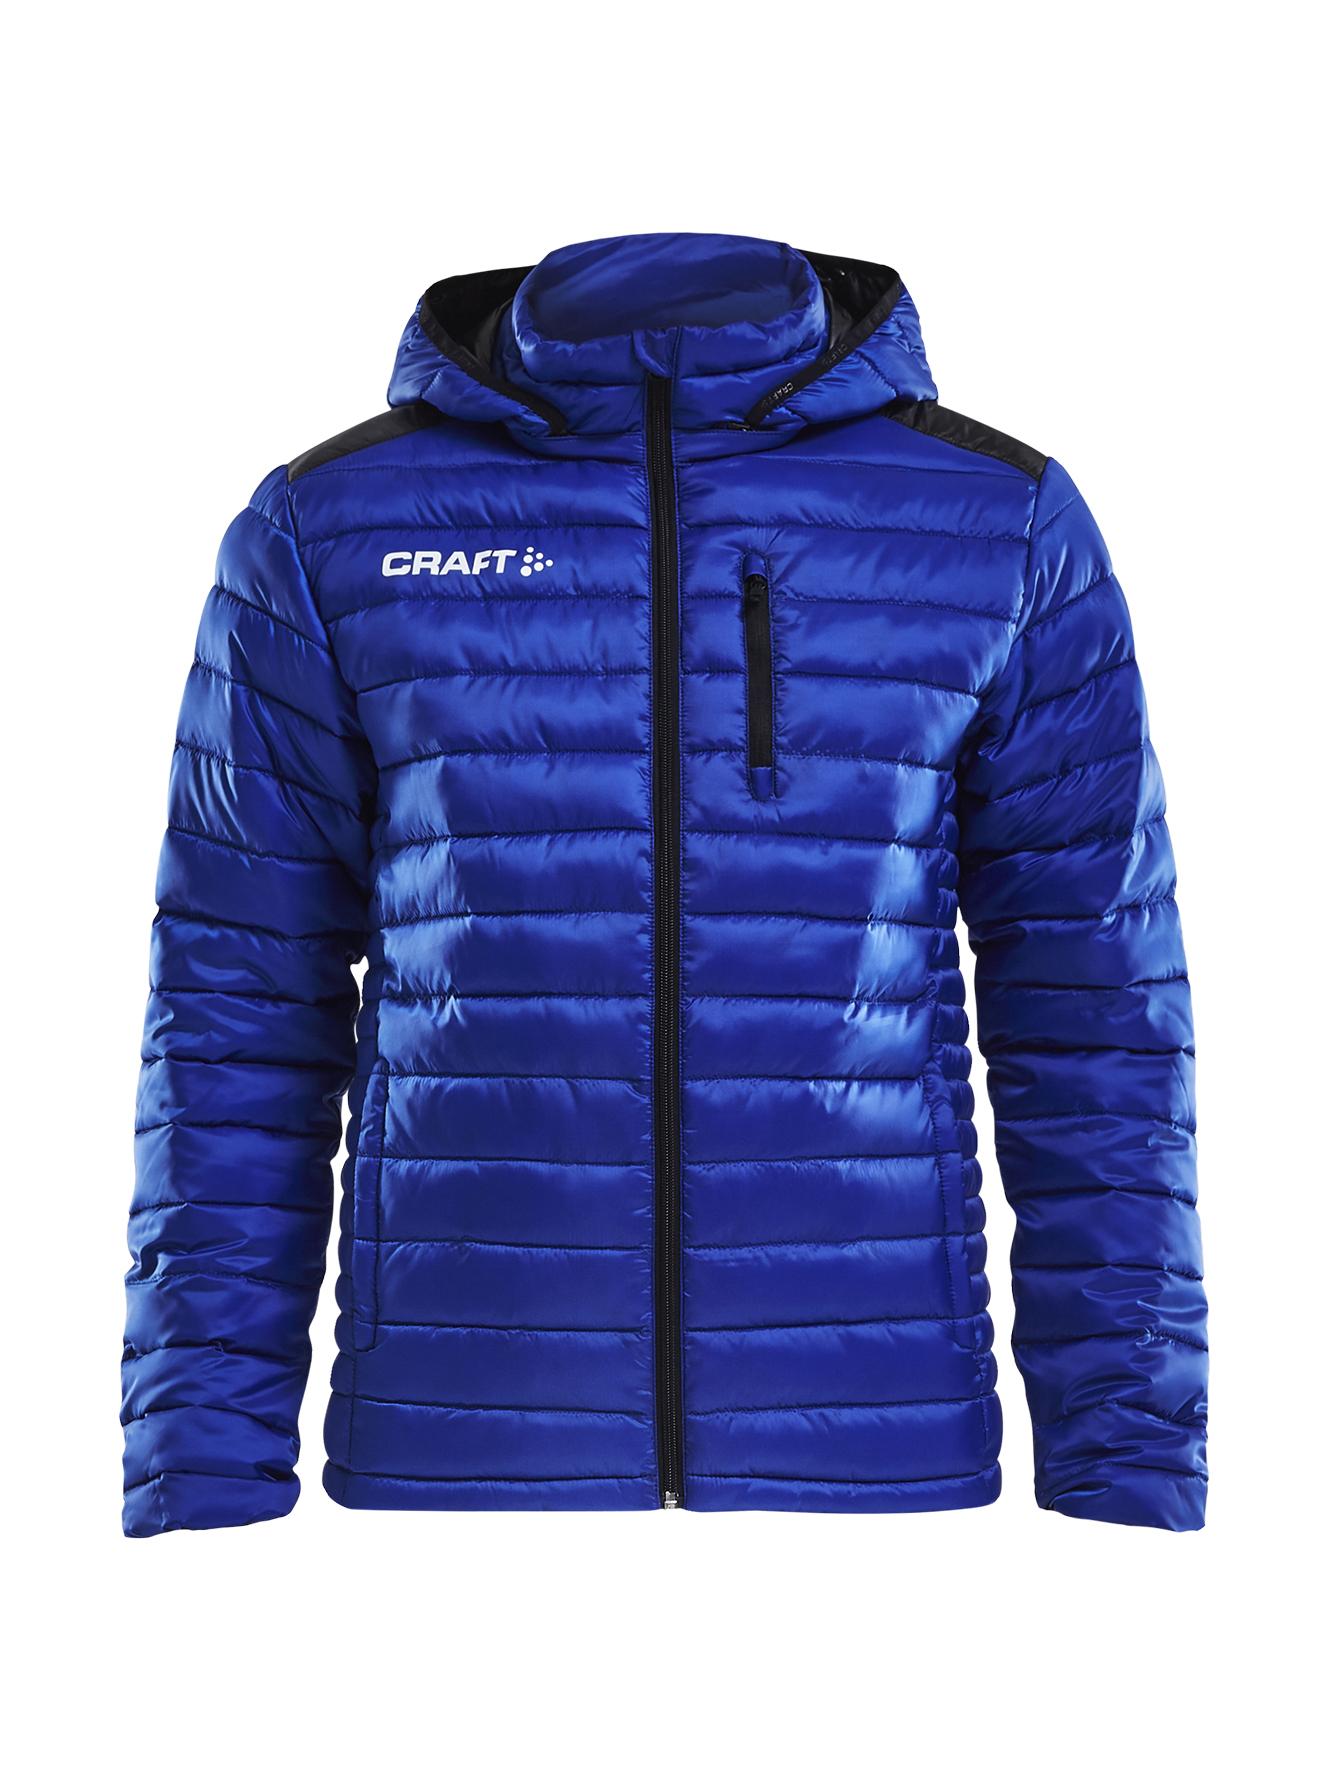 Billede af Craft Isolate Jacket Wind Jacket Women - Cobalt